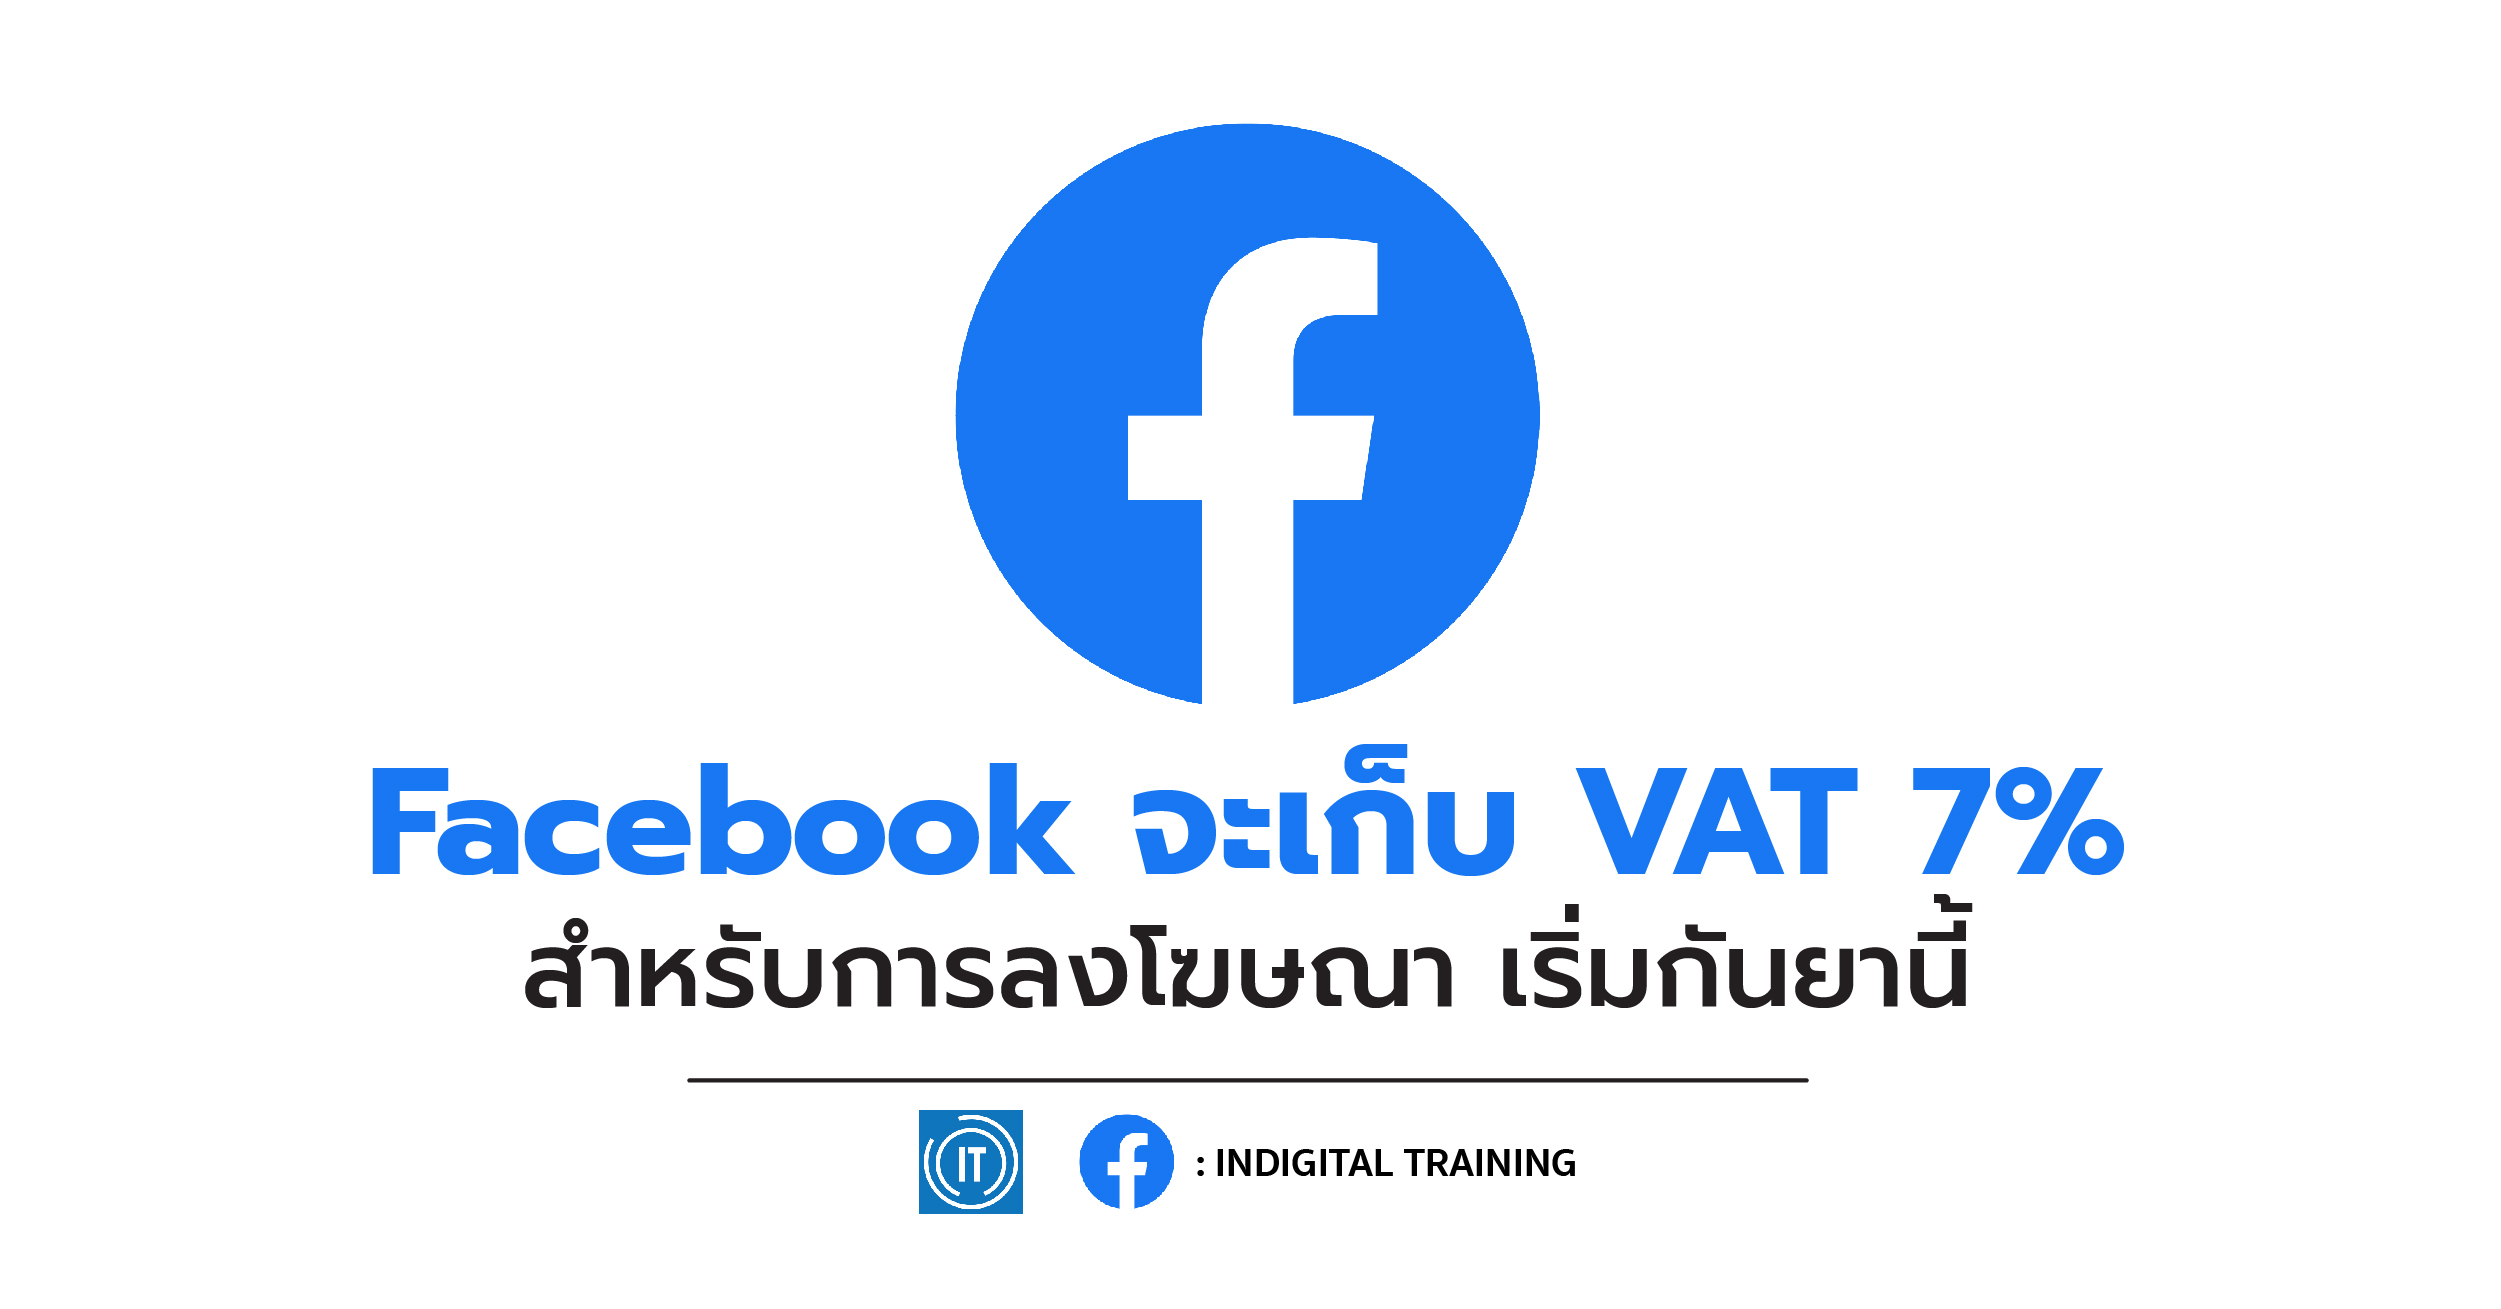 Facebook จะเก็บ VAT 7% สำหรับการลงโฆษณา เริ่มกันยานี้